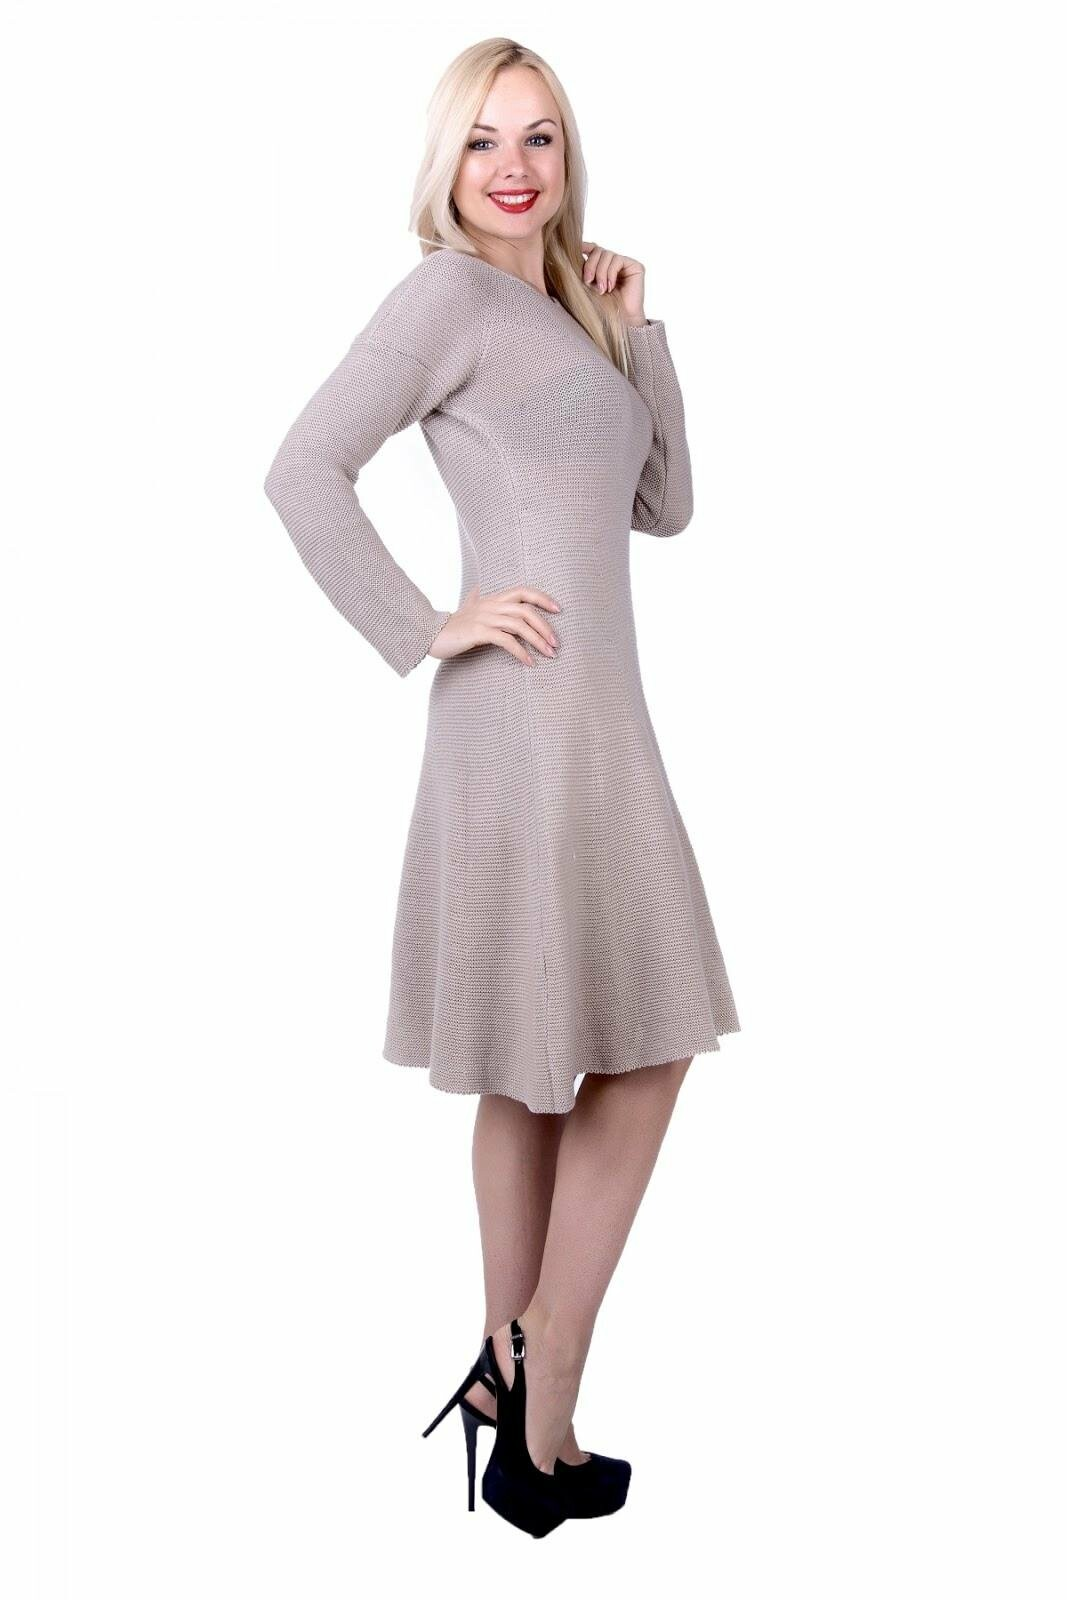 Вязаные платья любого дизайна - приглашение к сотрудничеству, фото-1